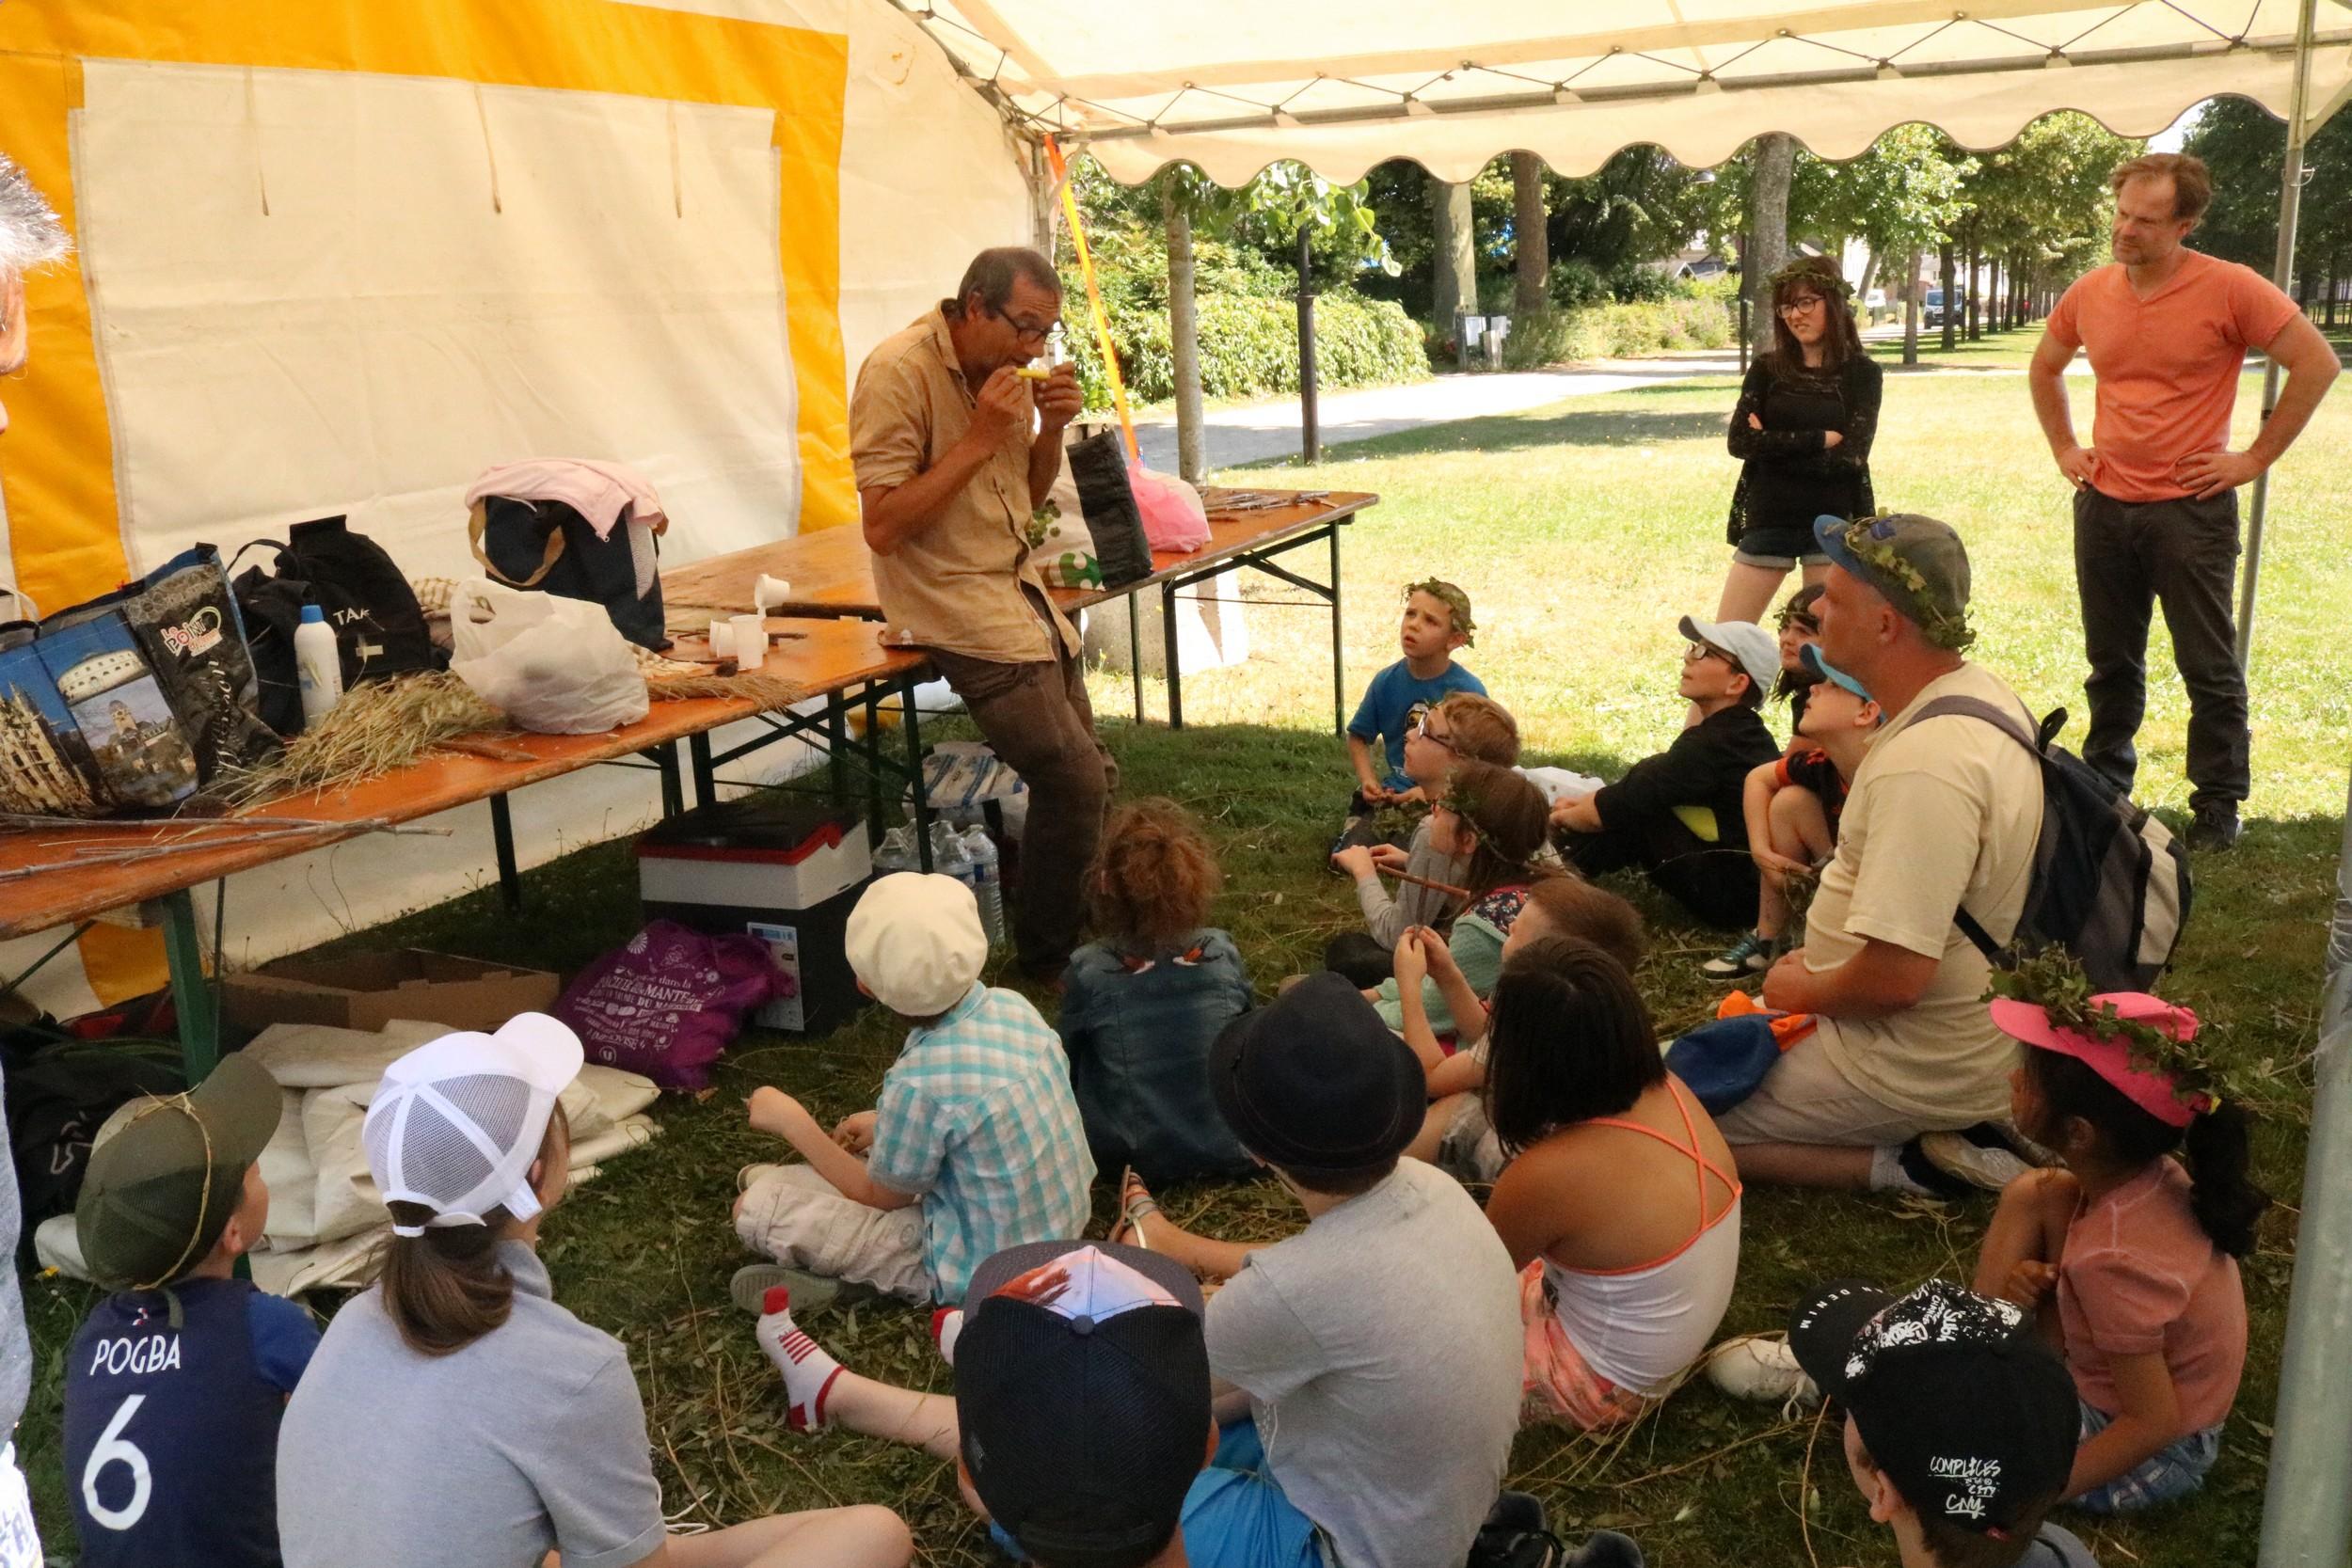 Du 2 au 5 juillet 2019 s'est déroulée la tournée des ʺ Musiques vertes et bricoléesʺ avec l'artiste Jean-Yves Bardoul pour les enfants de l'Adapei de l'Orne